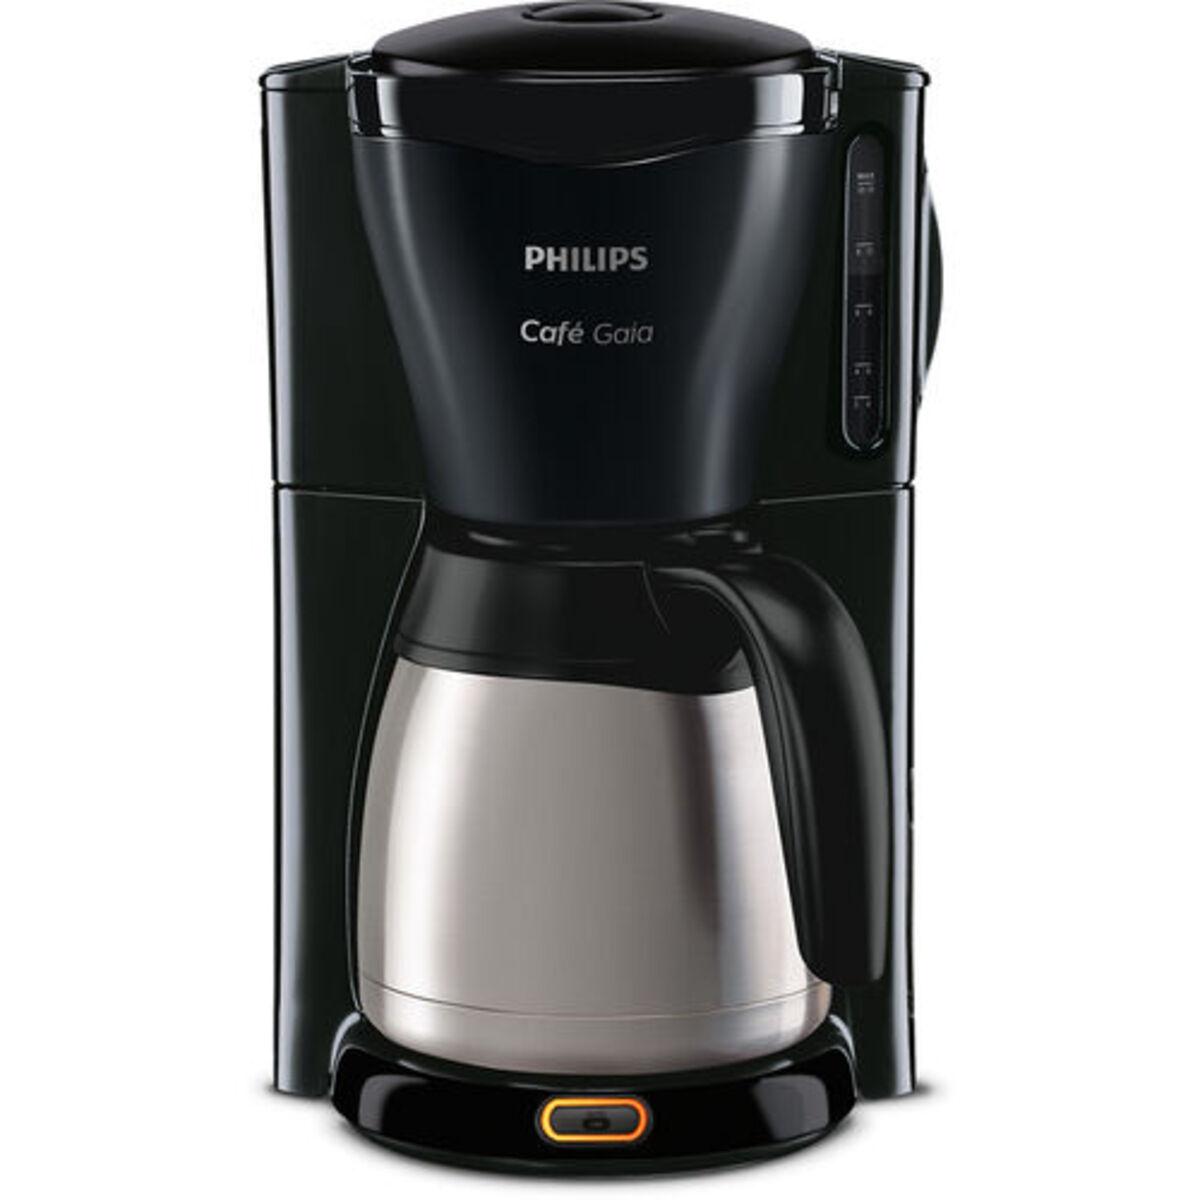 Bild 4 von Philips Thermo-Kaffeeautomat HD7544/20 Café Gaia, schwarz/silber, Edelstahl/schwarz